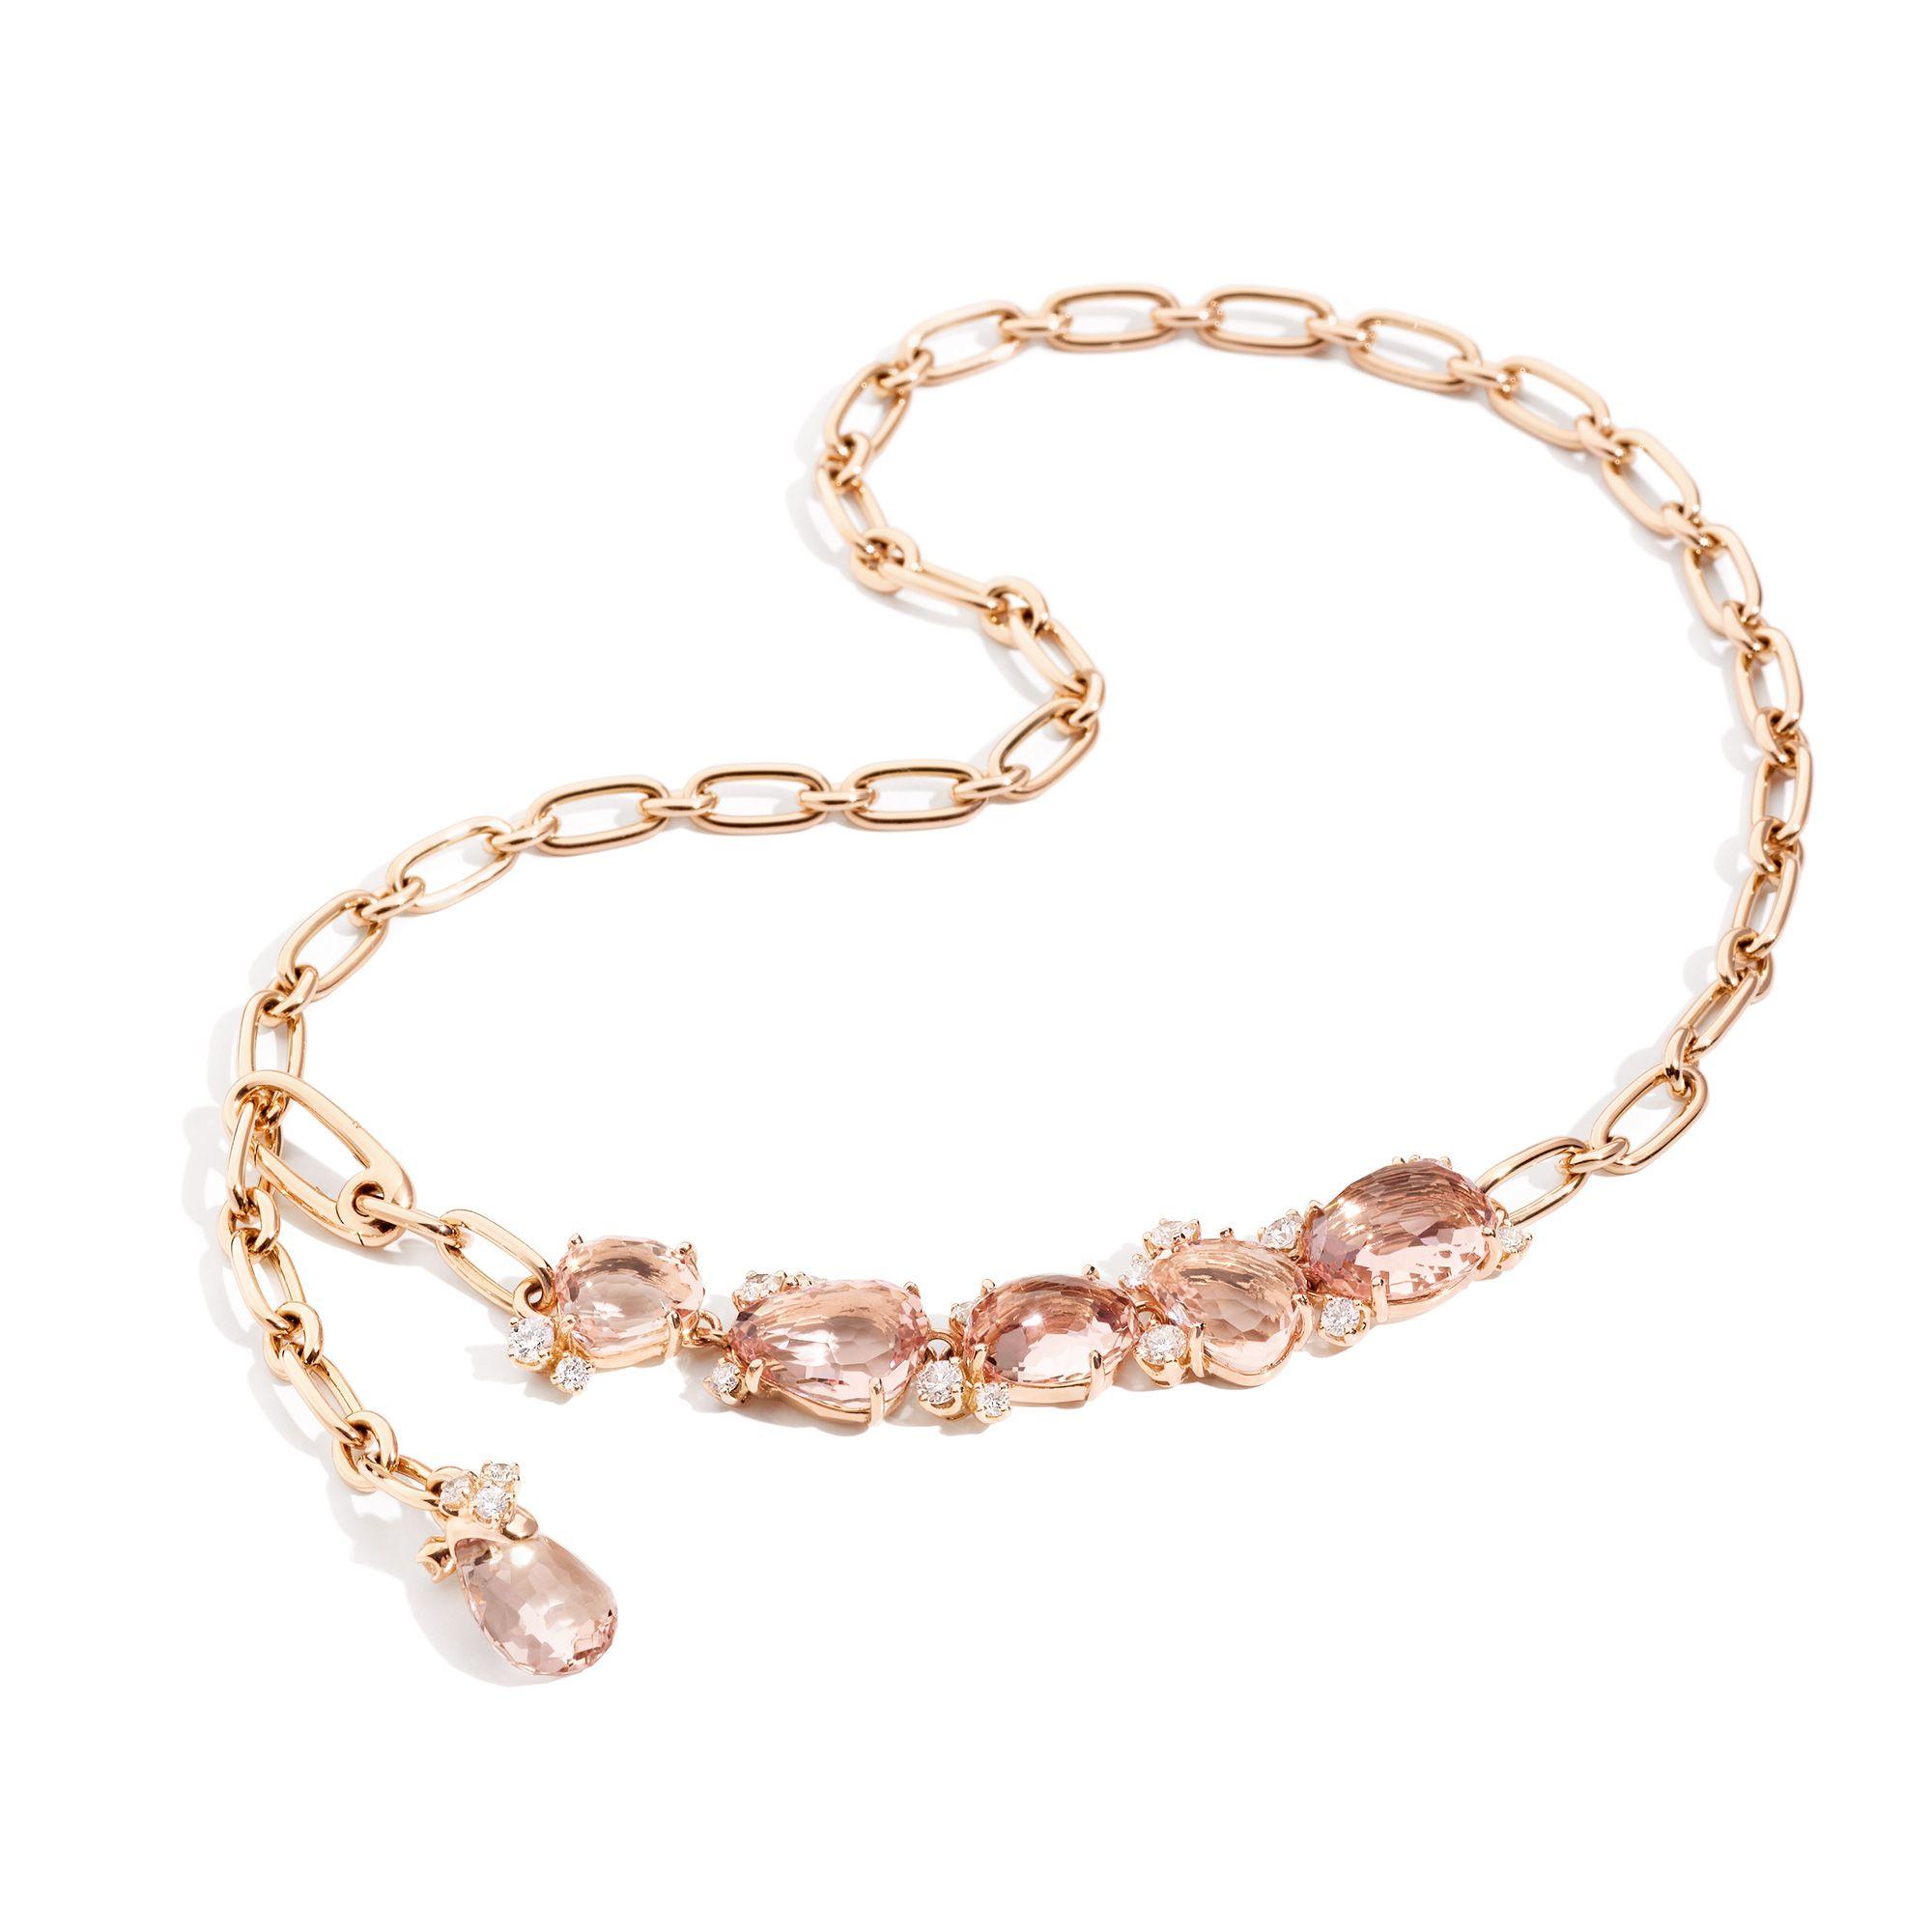 Pomellato bahia necklace rose gold morganite and diamonds